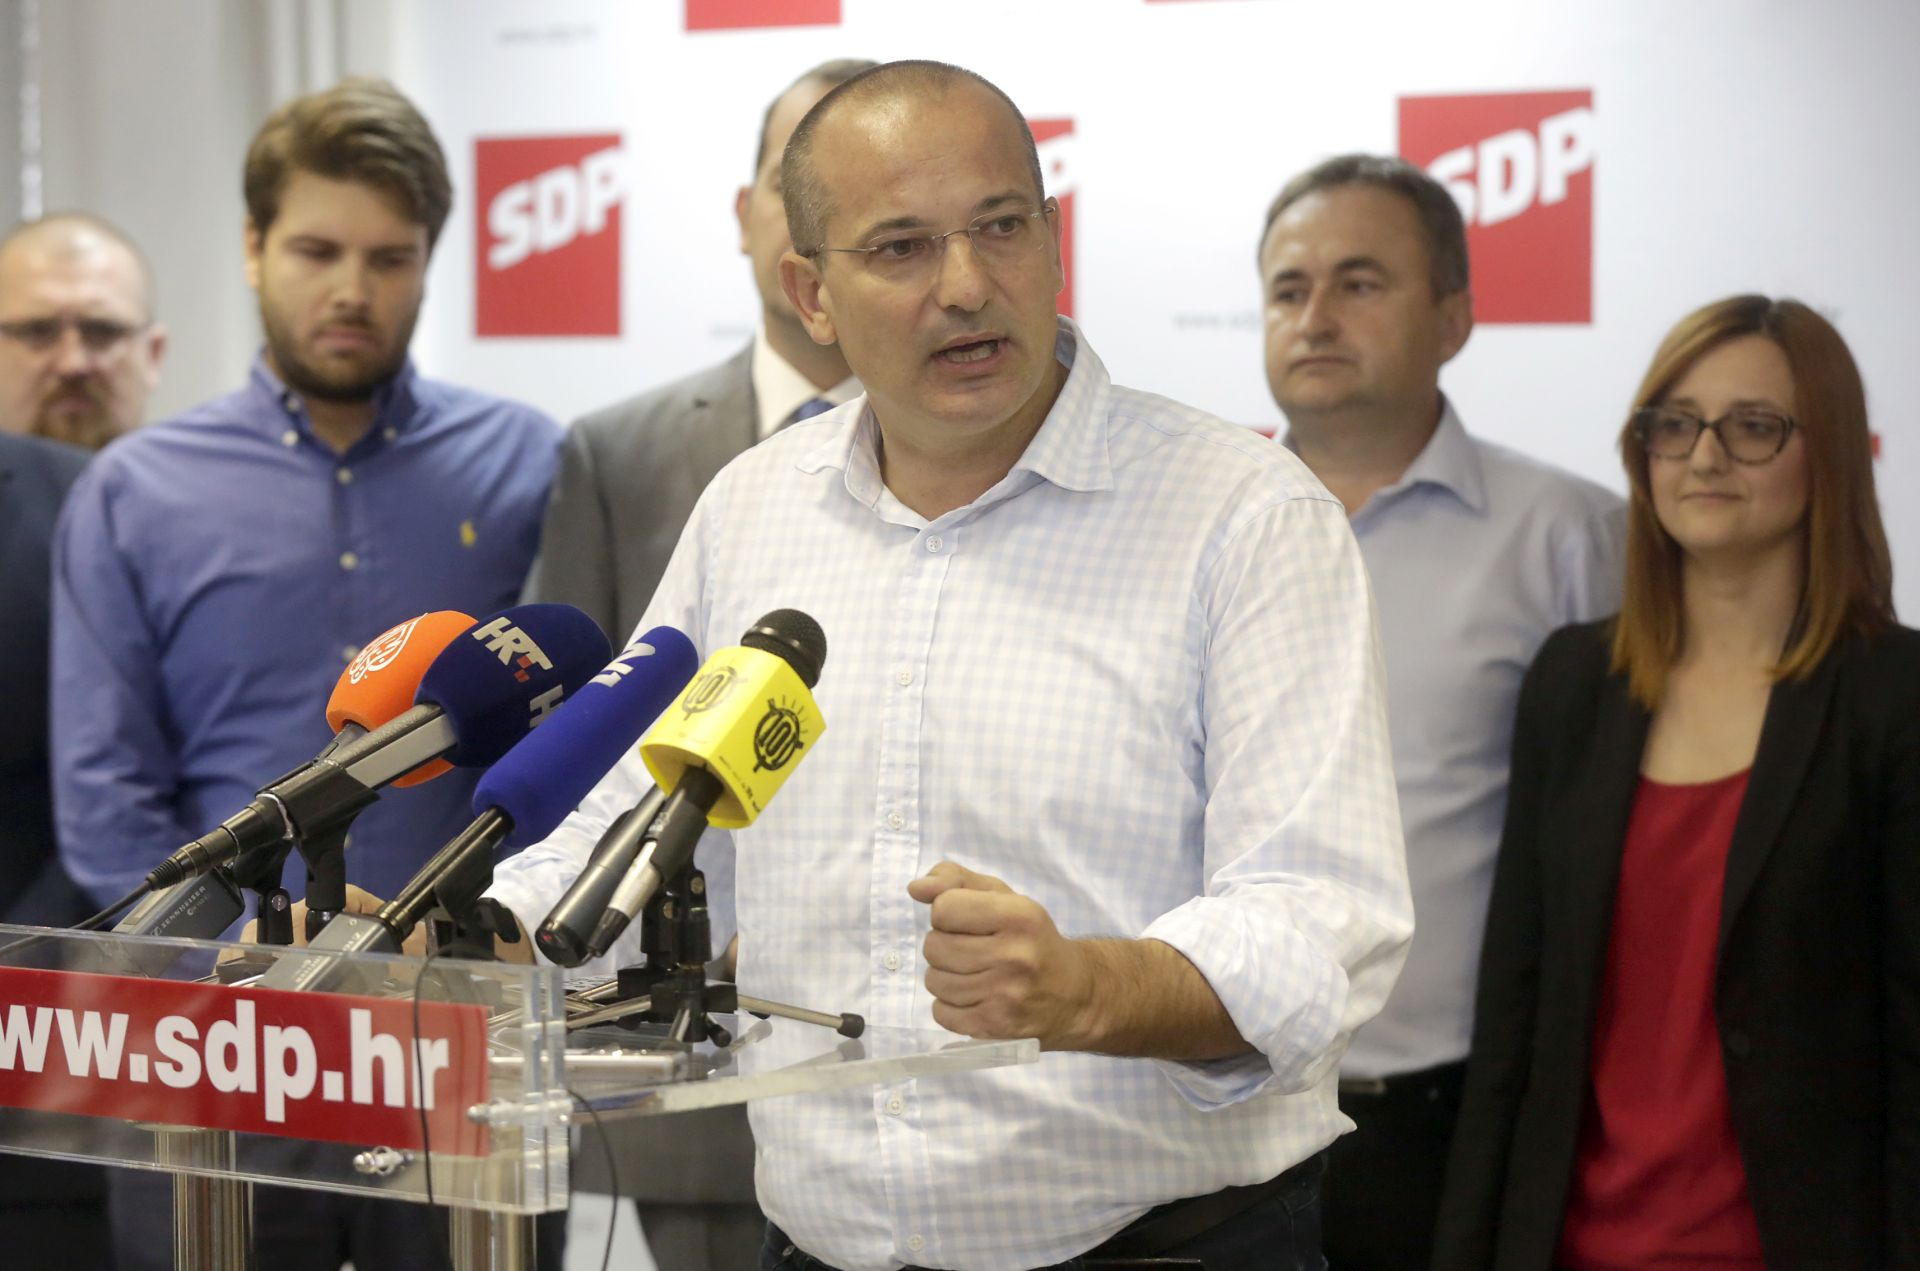 ORSAT MILJENIĆ: 'Svi koji žele sudjelovati u razvoju SDP-a su dobrodošli, pa i Kolarić'